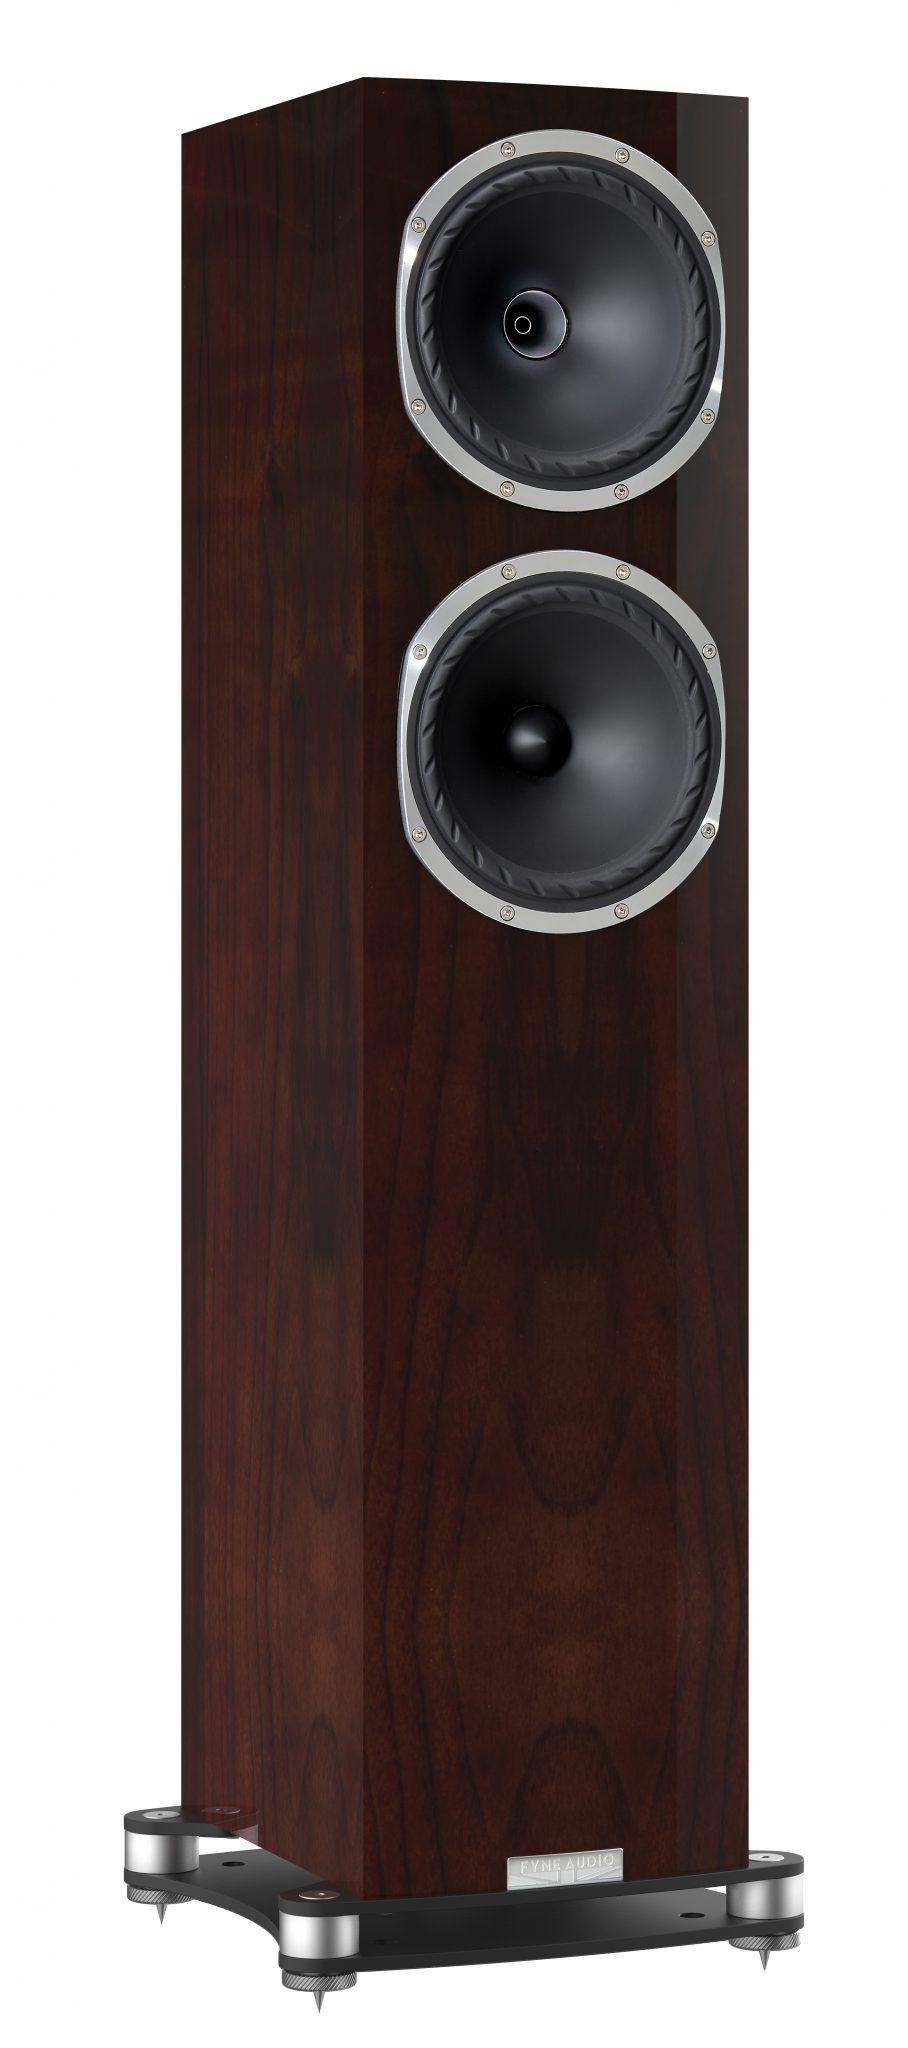 Fyne Audio Loudspeakers